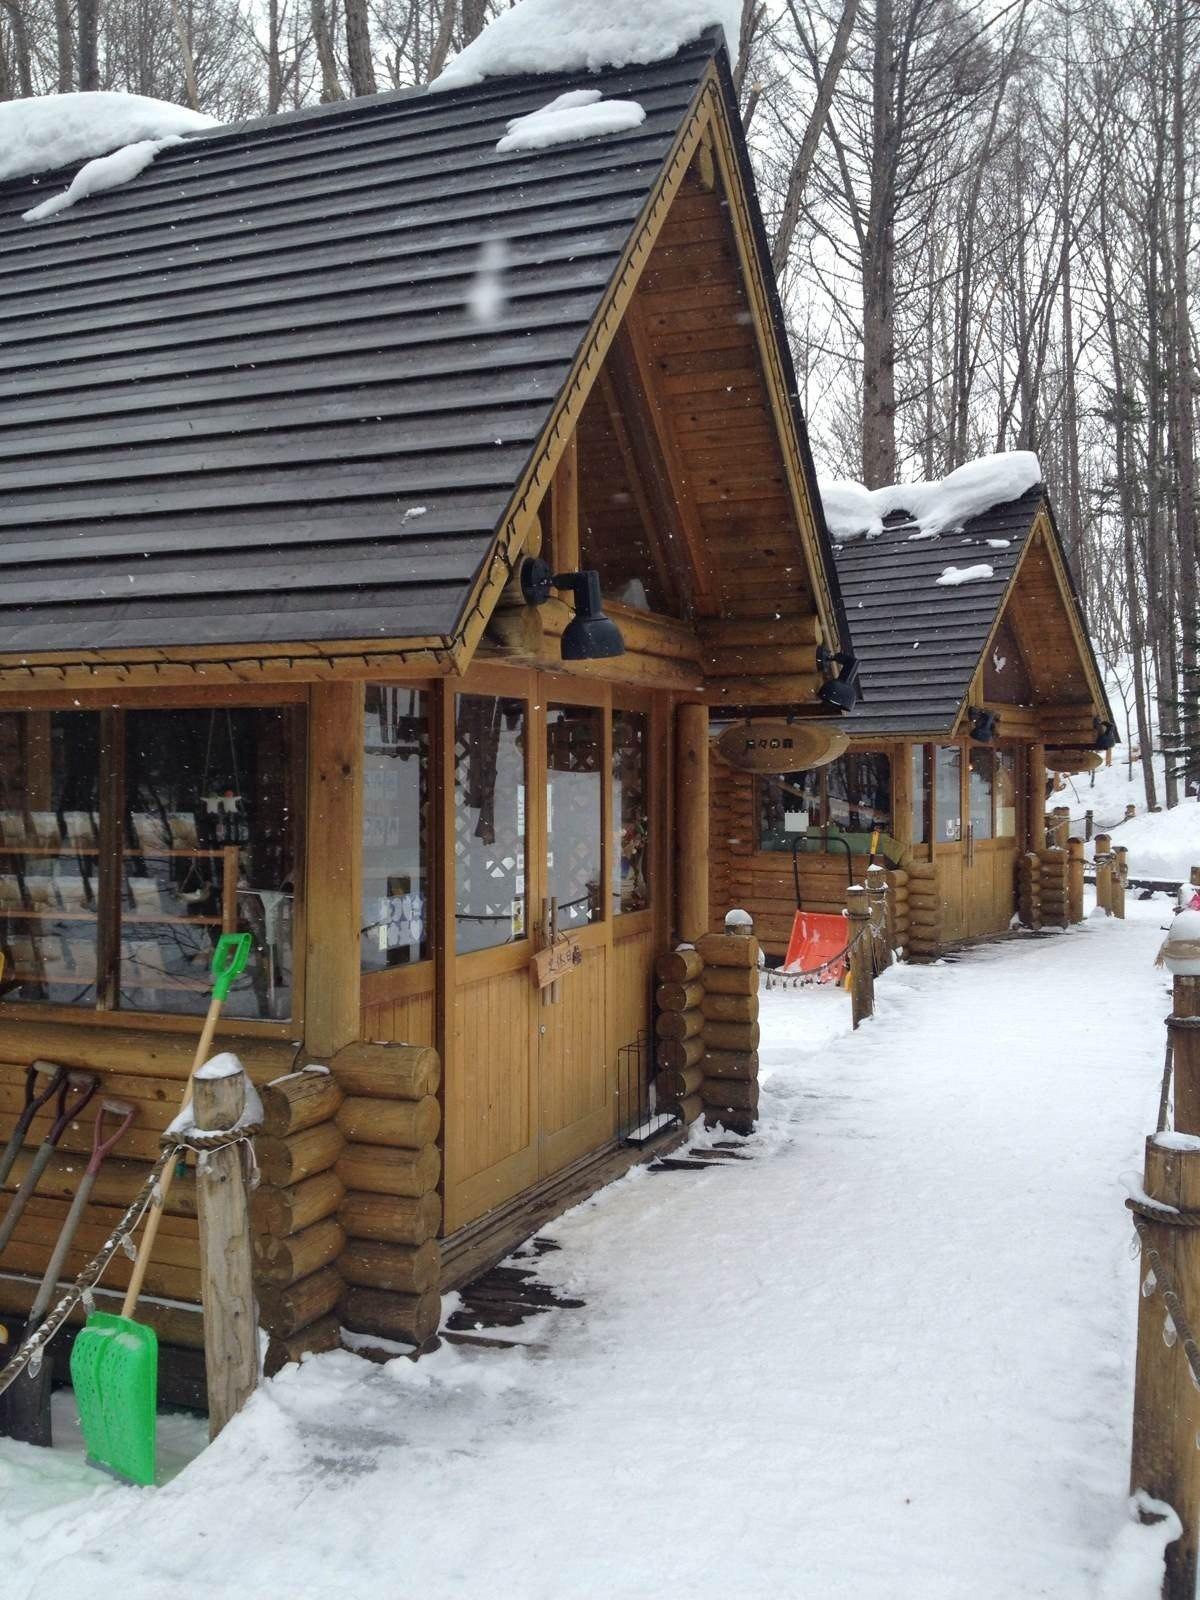 森林中的小木屋 卖各种手工记念品